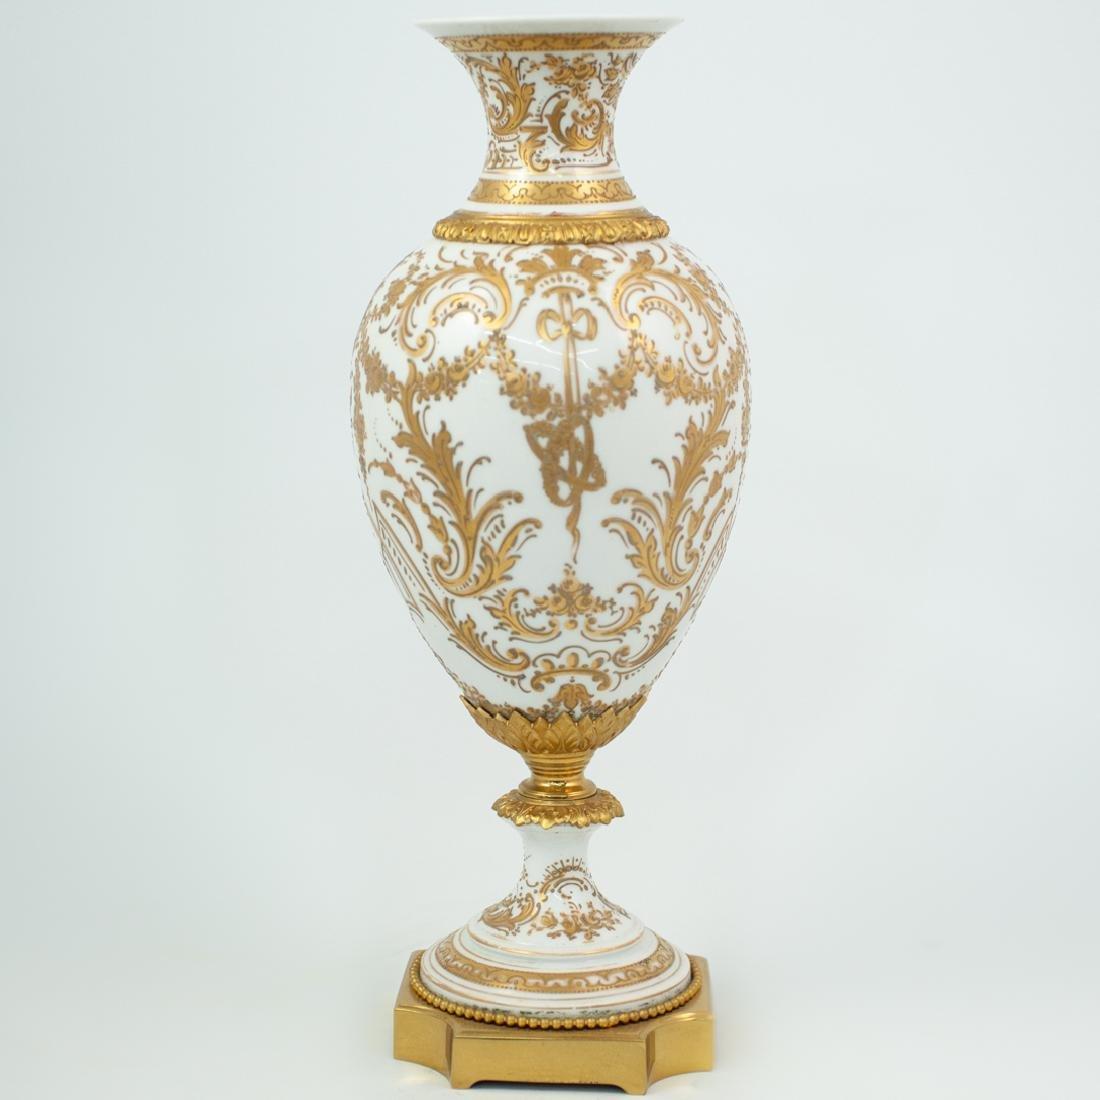 Sevres Porcelain and Gilt Portrait Vase - 5